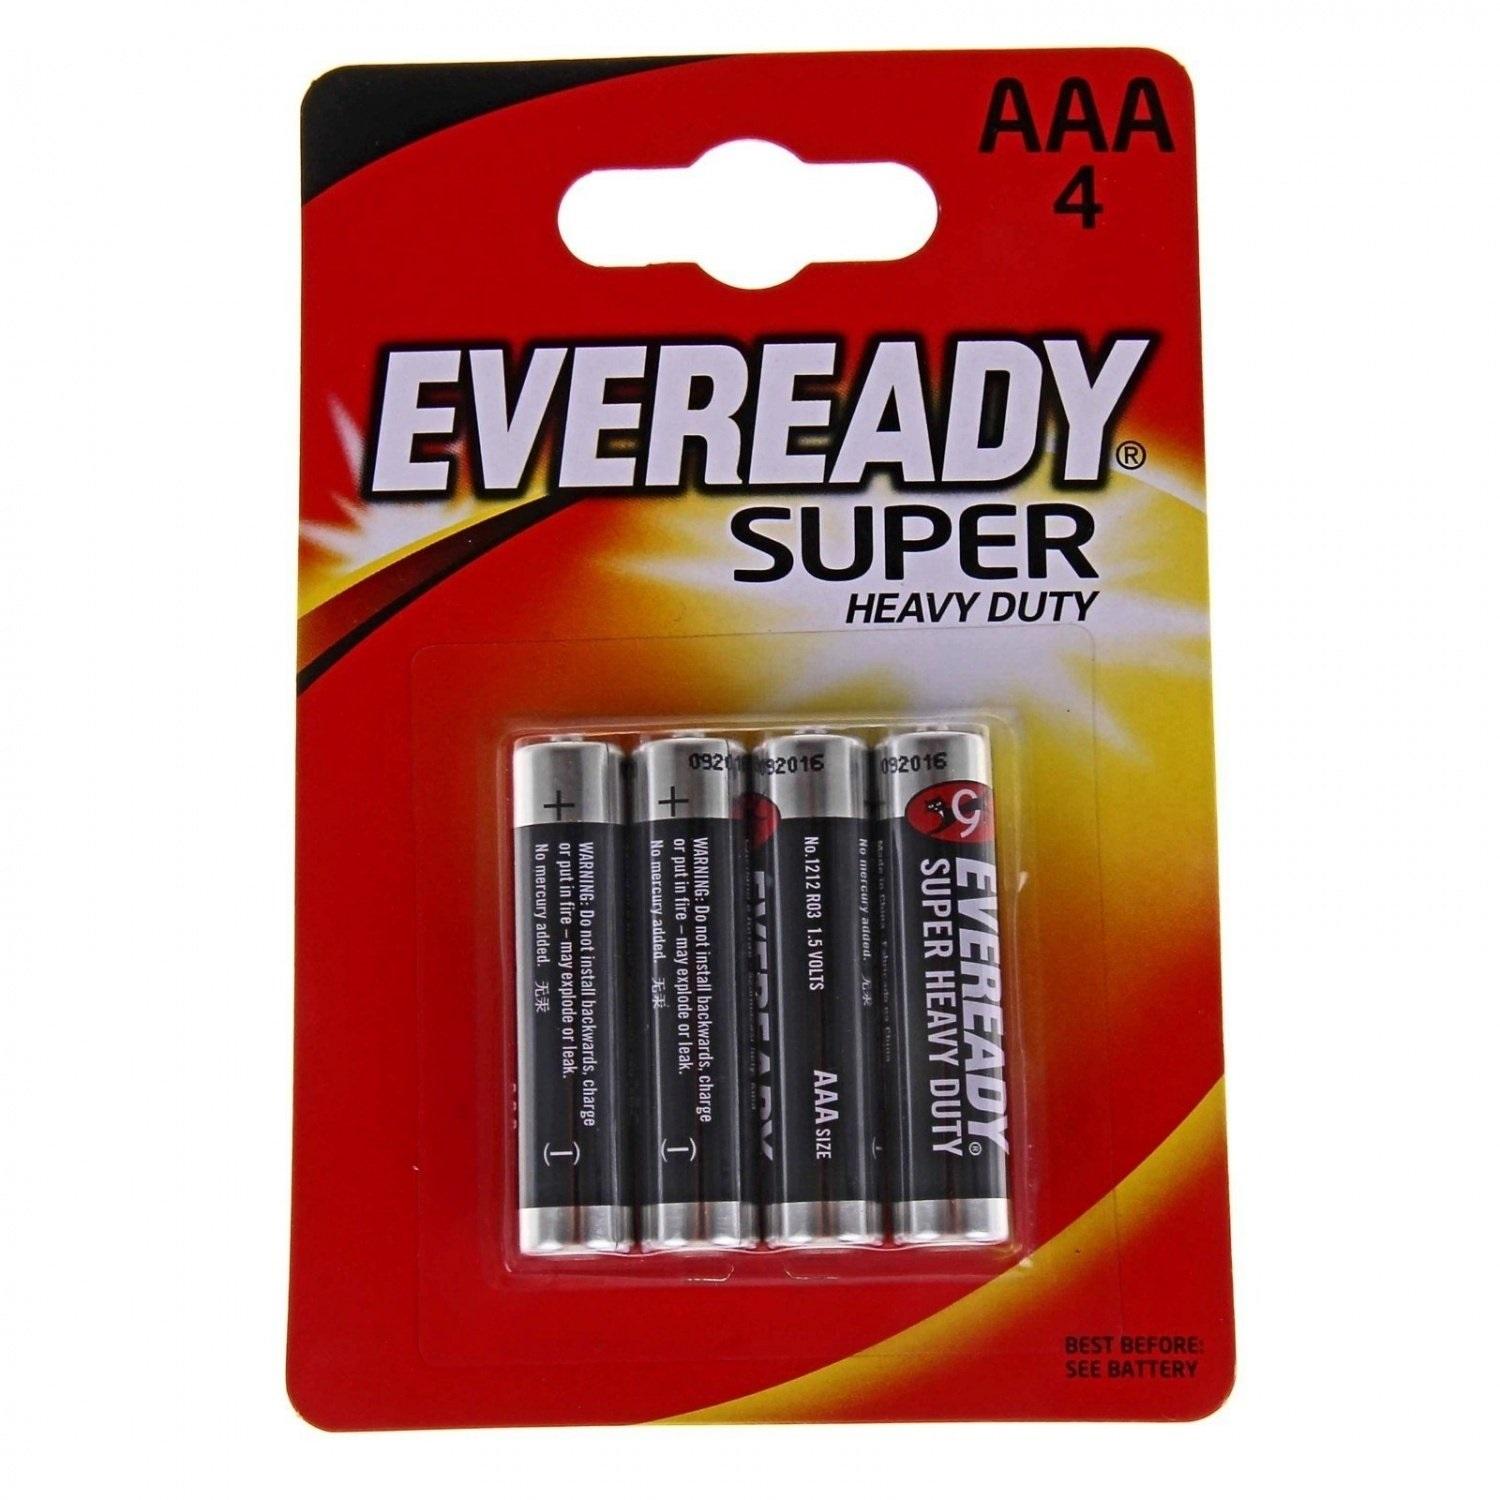 Energizer Eveready Super, AA/R6 (FSB4), батарейка (пальчиковая), 1шт, Индонезия